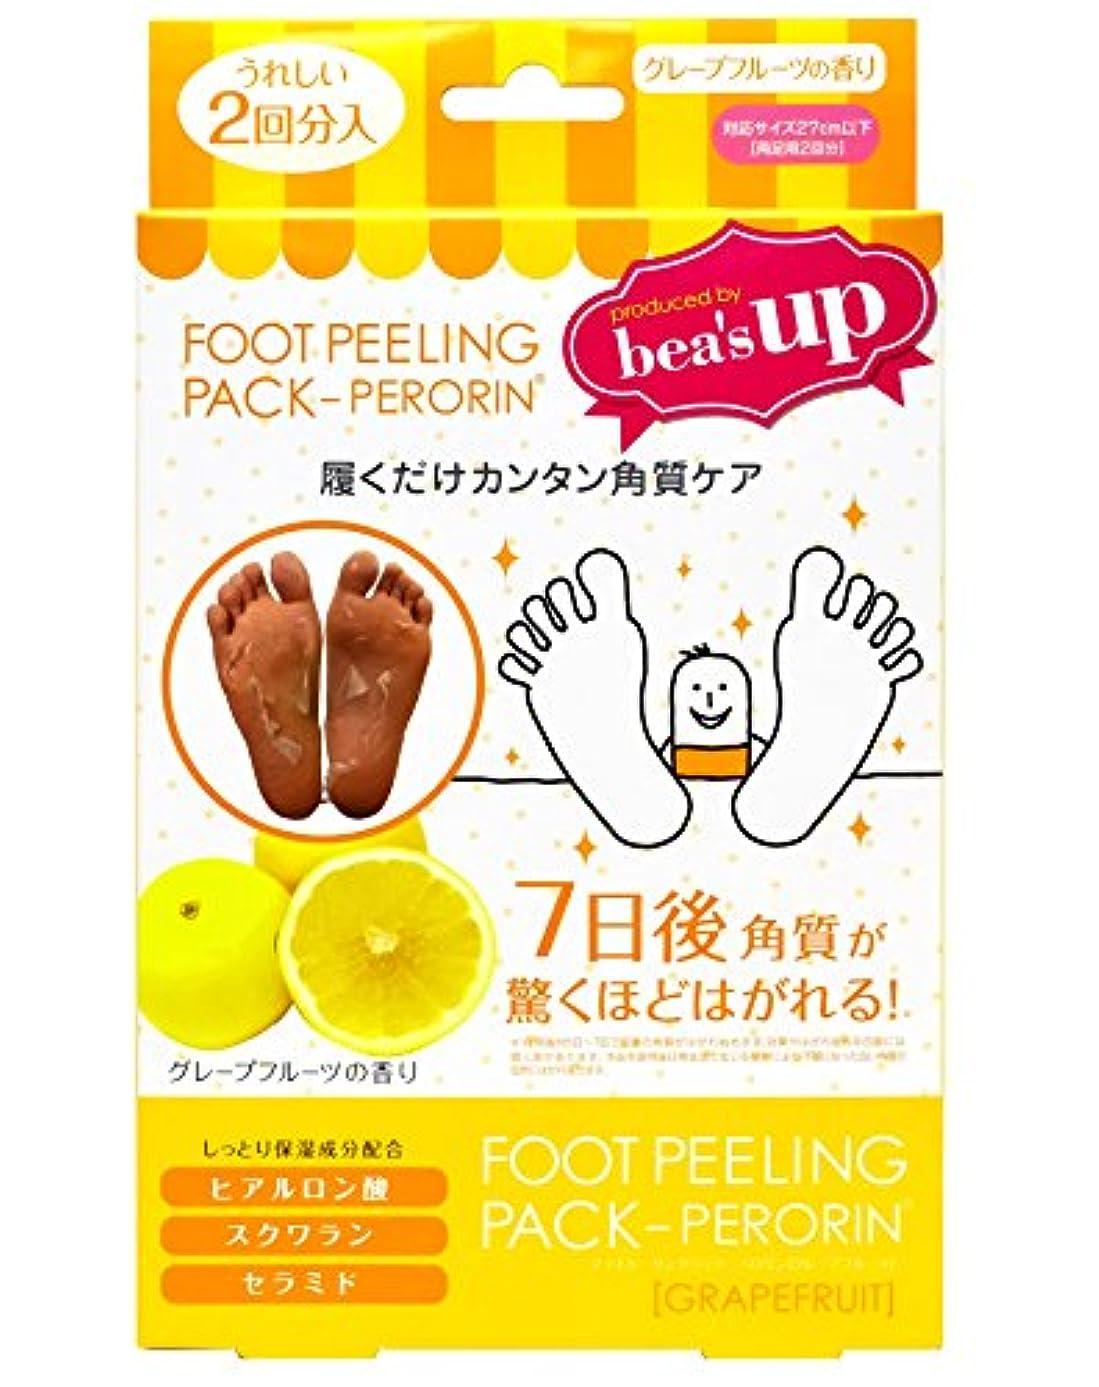 魅力的優雅昆虫Bea's upペロリン2回分(グレープフルーツ)